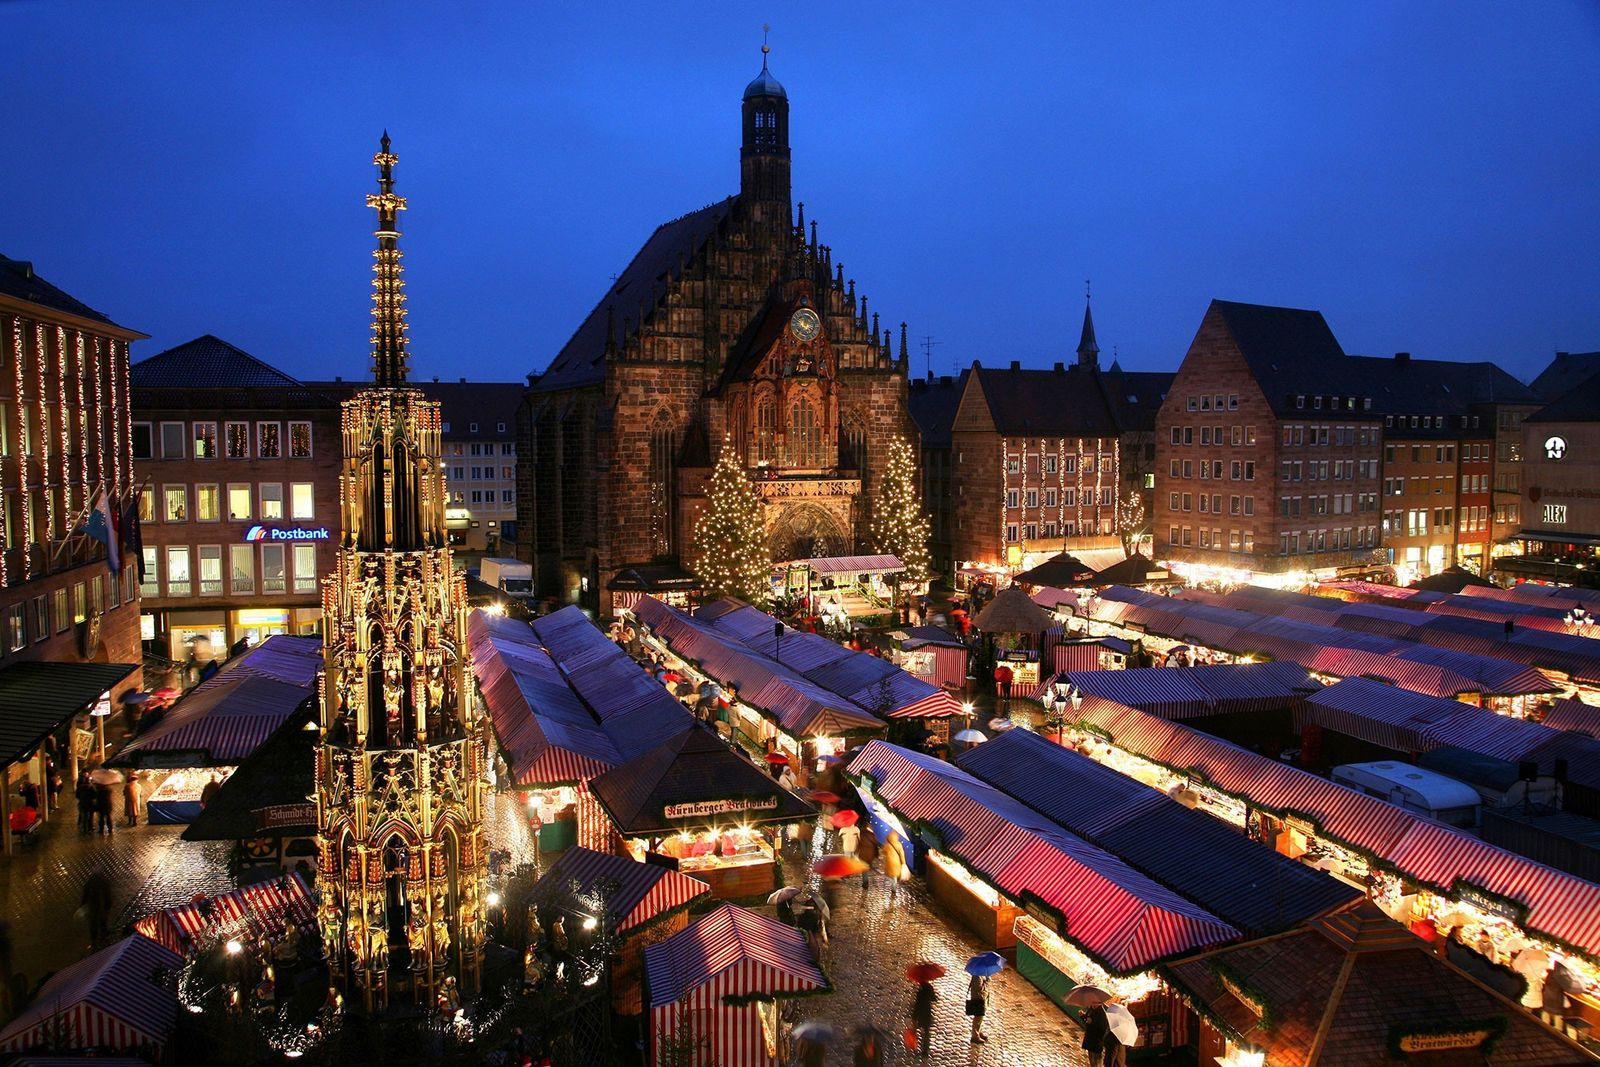 Mercado navideño de Nuremberg